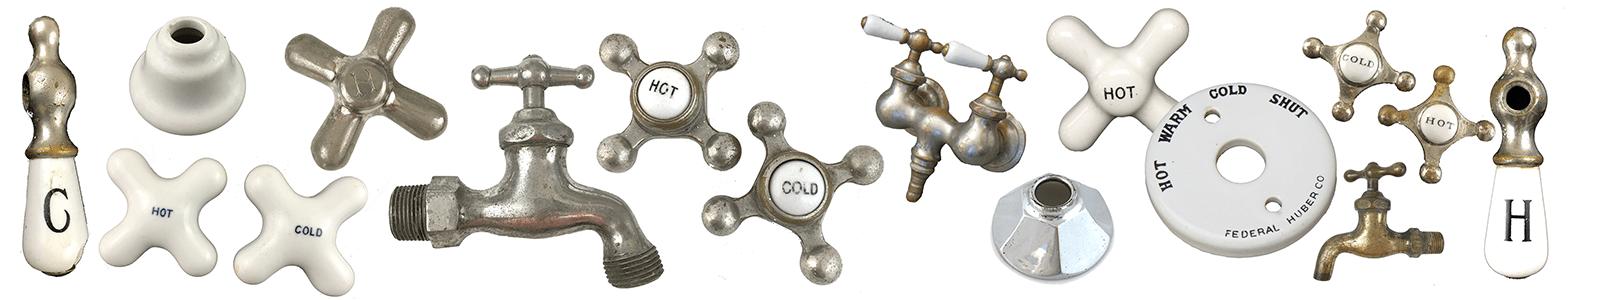 antique bath items antique faucets